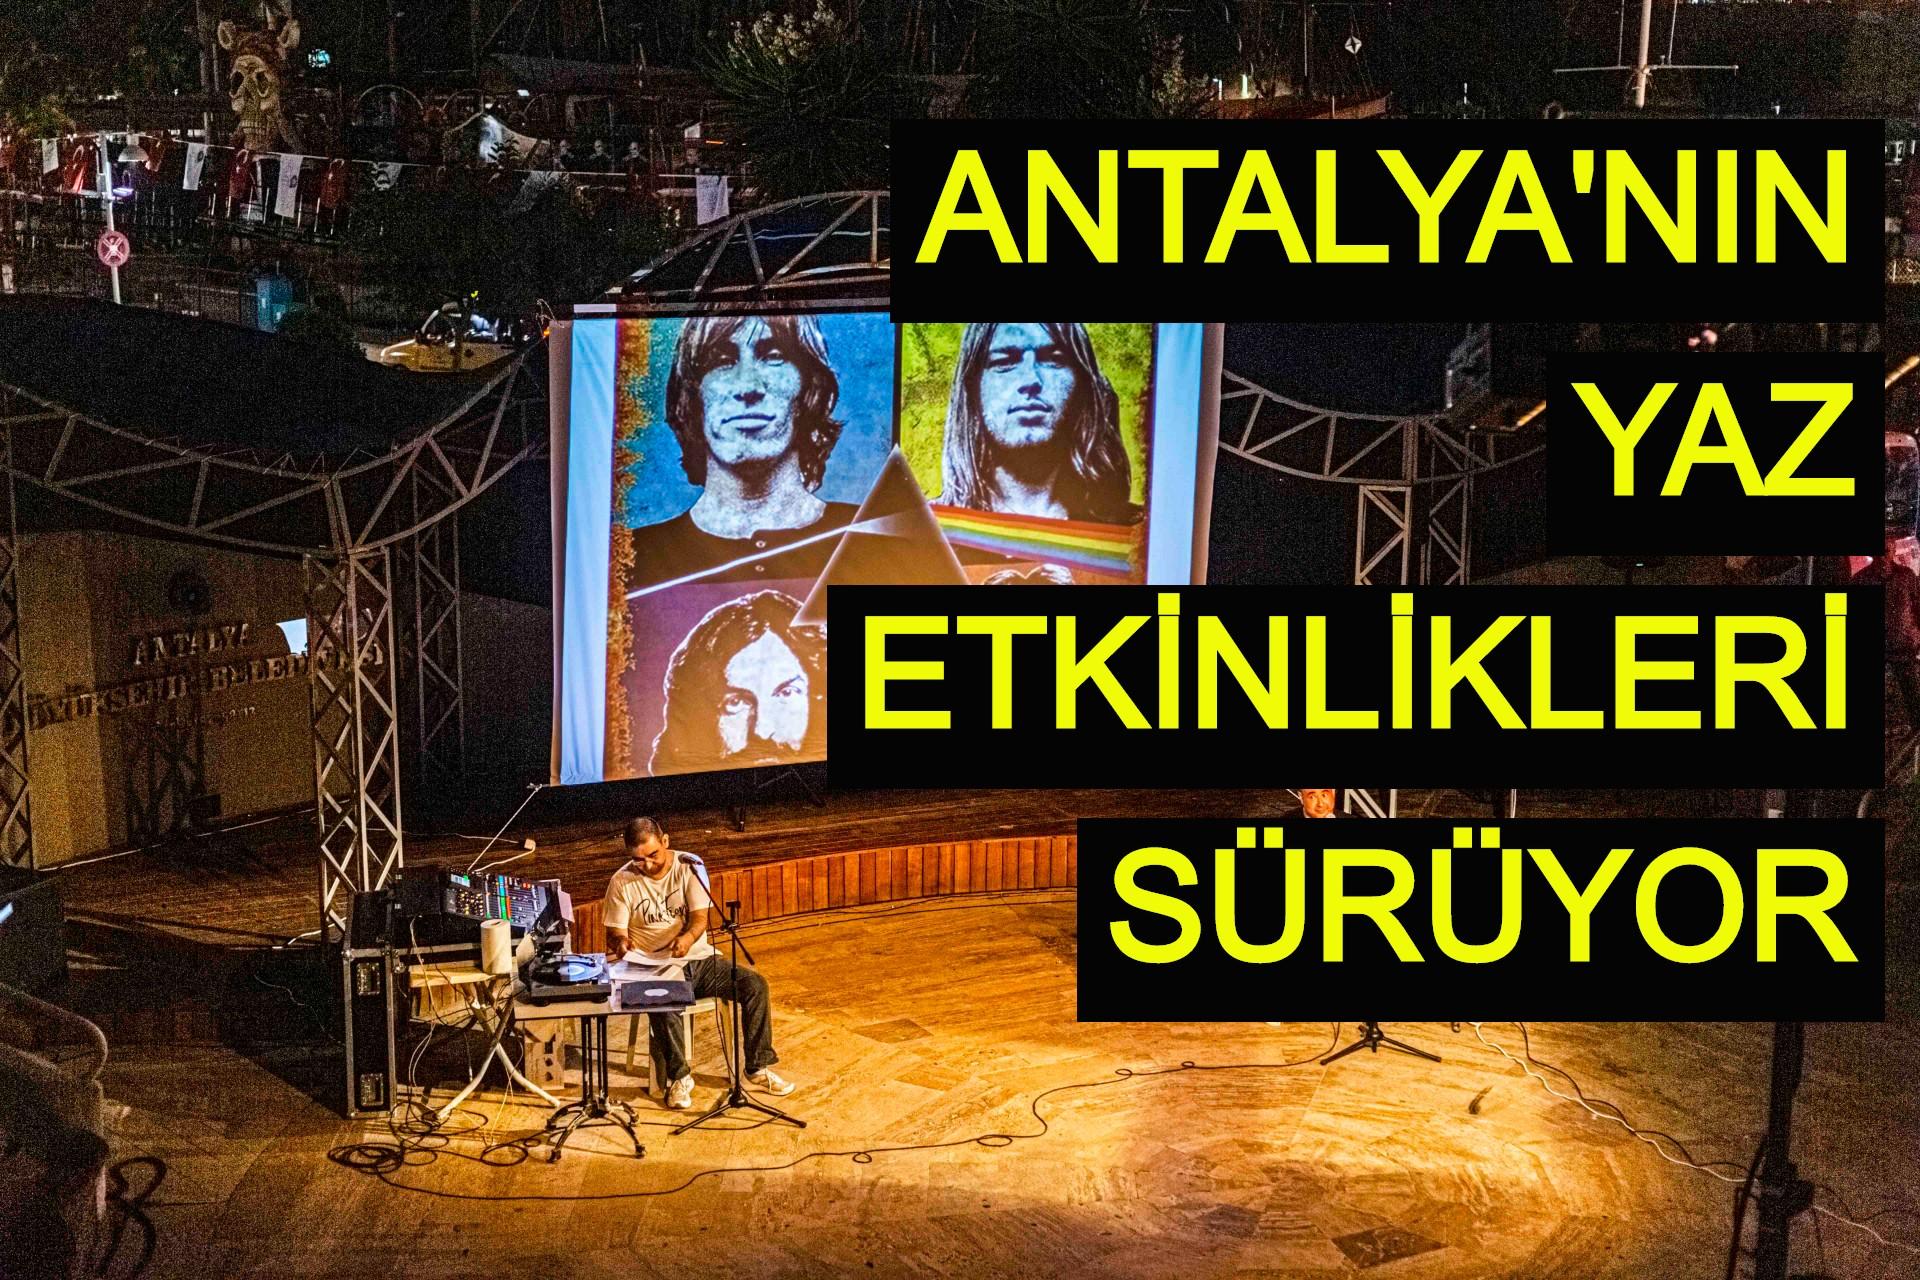 Antalya'nın yaz etkinlikleri sürüyor